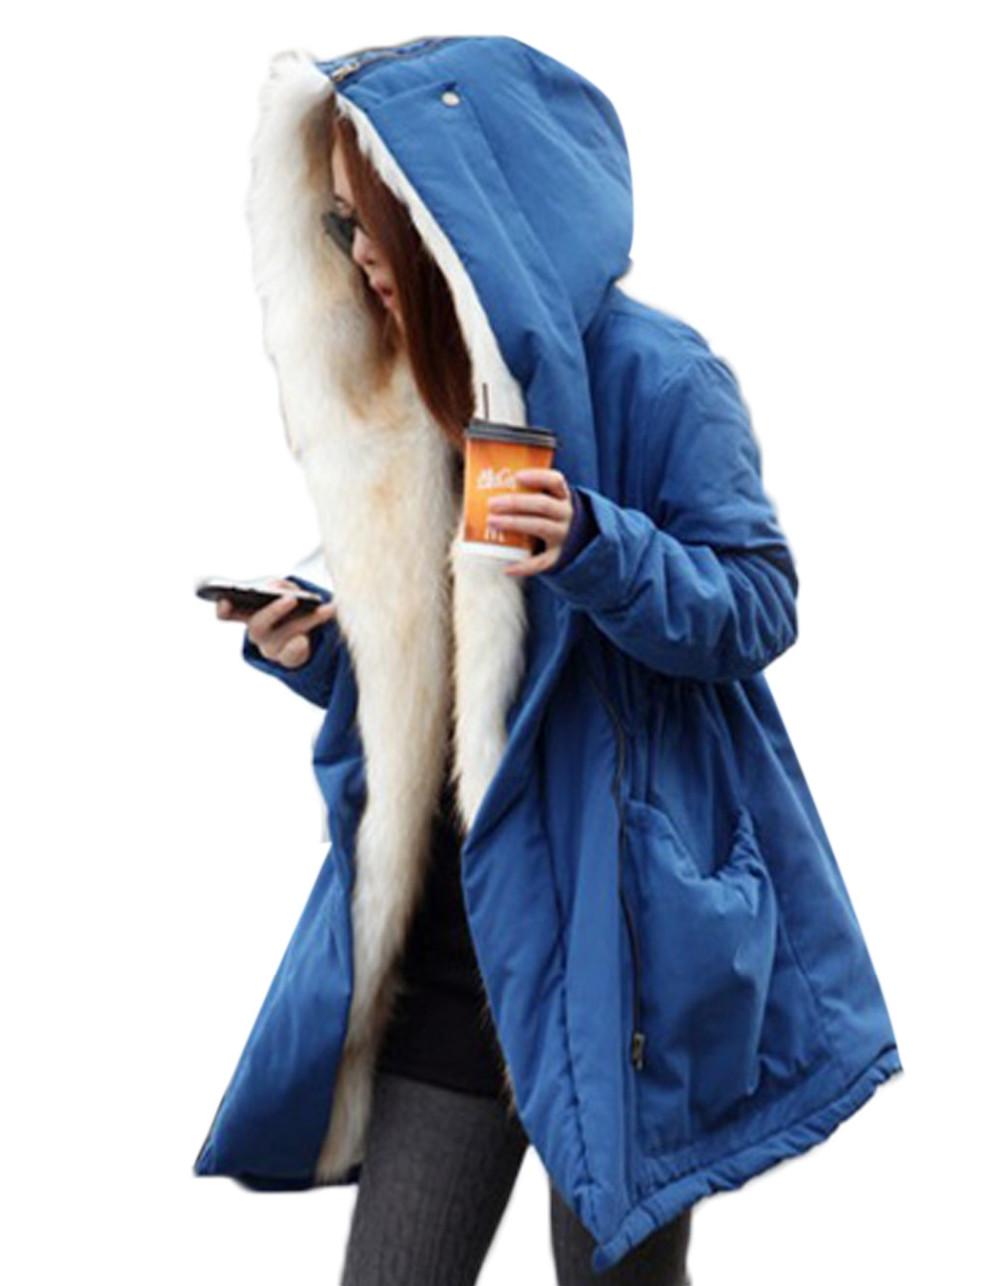 Скидки на Женщины Леди Длинное Пальто С Капюшоном Руно Теплый Толстый Случайный Верхняя Одежда Стильный Высокое Качество